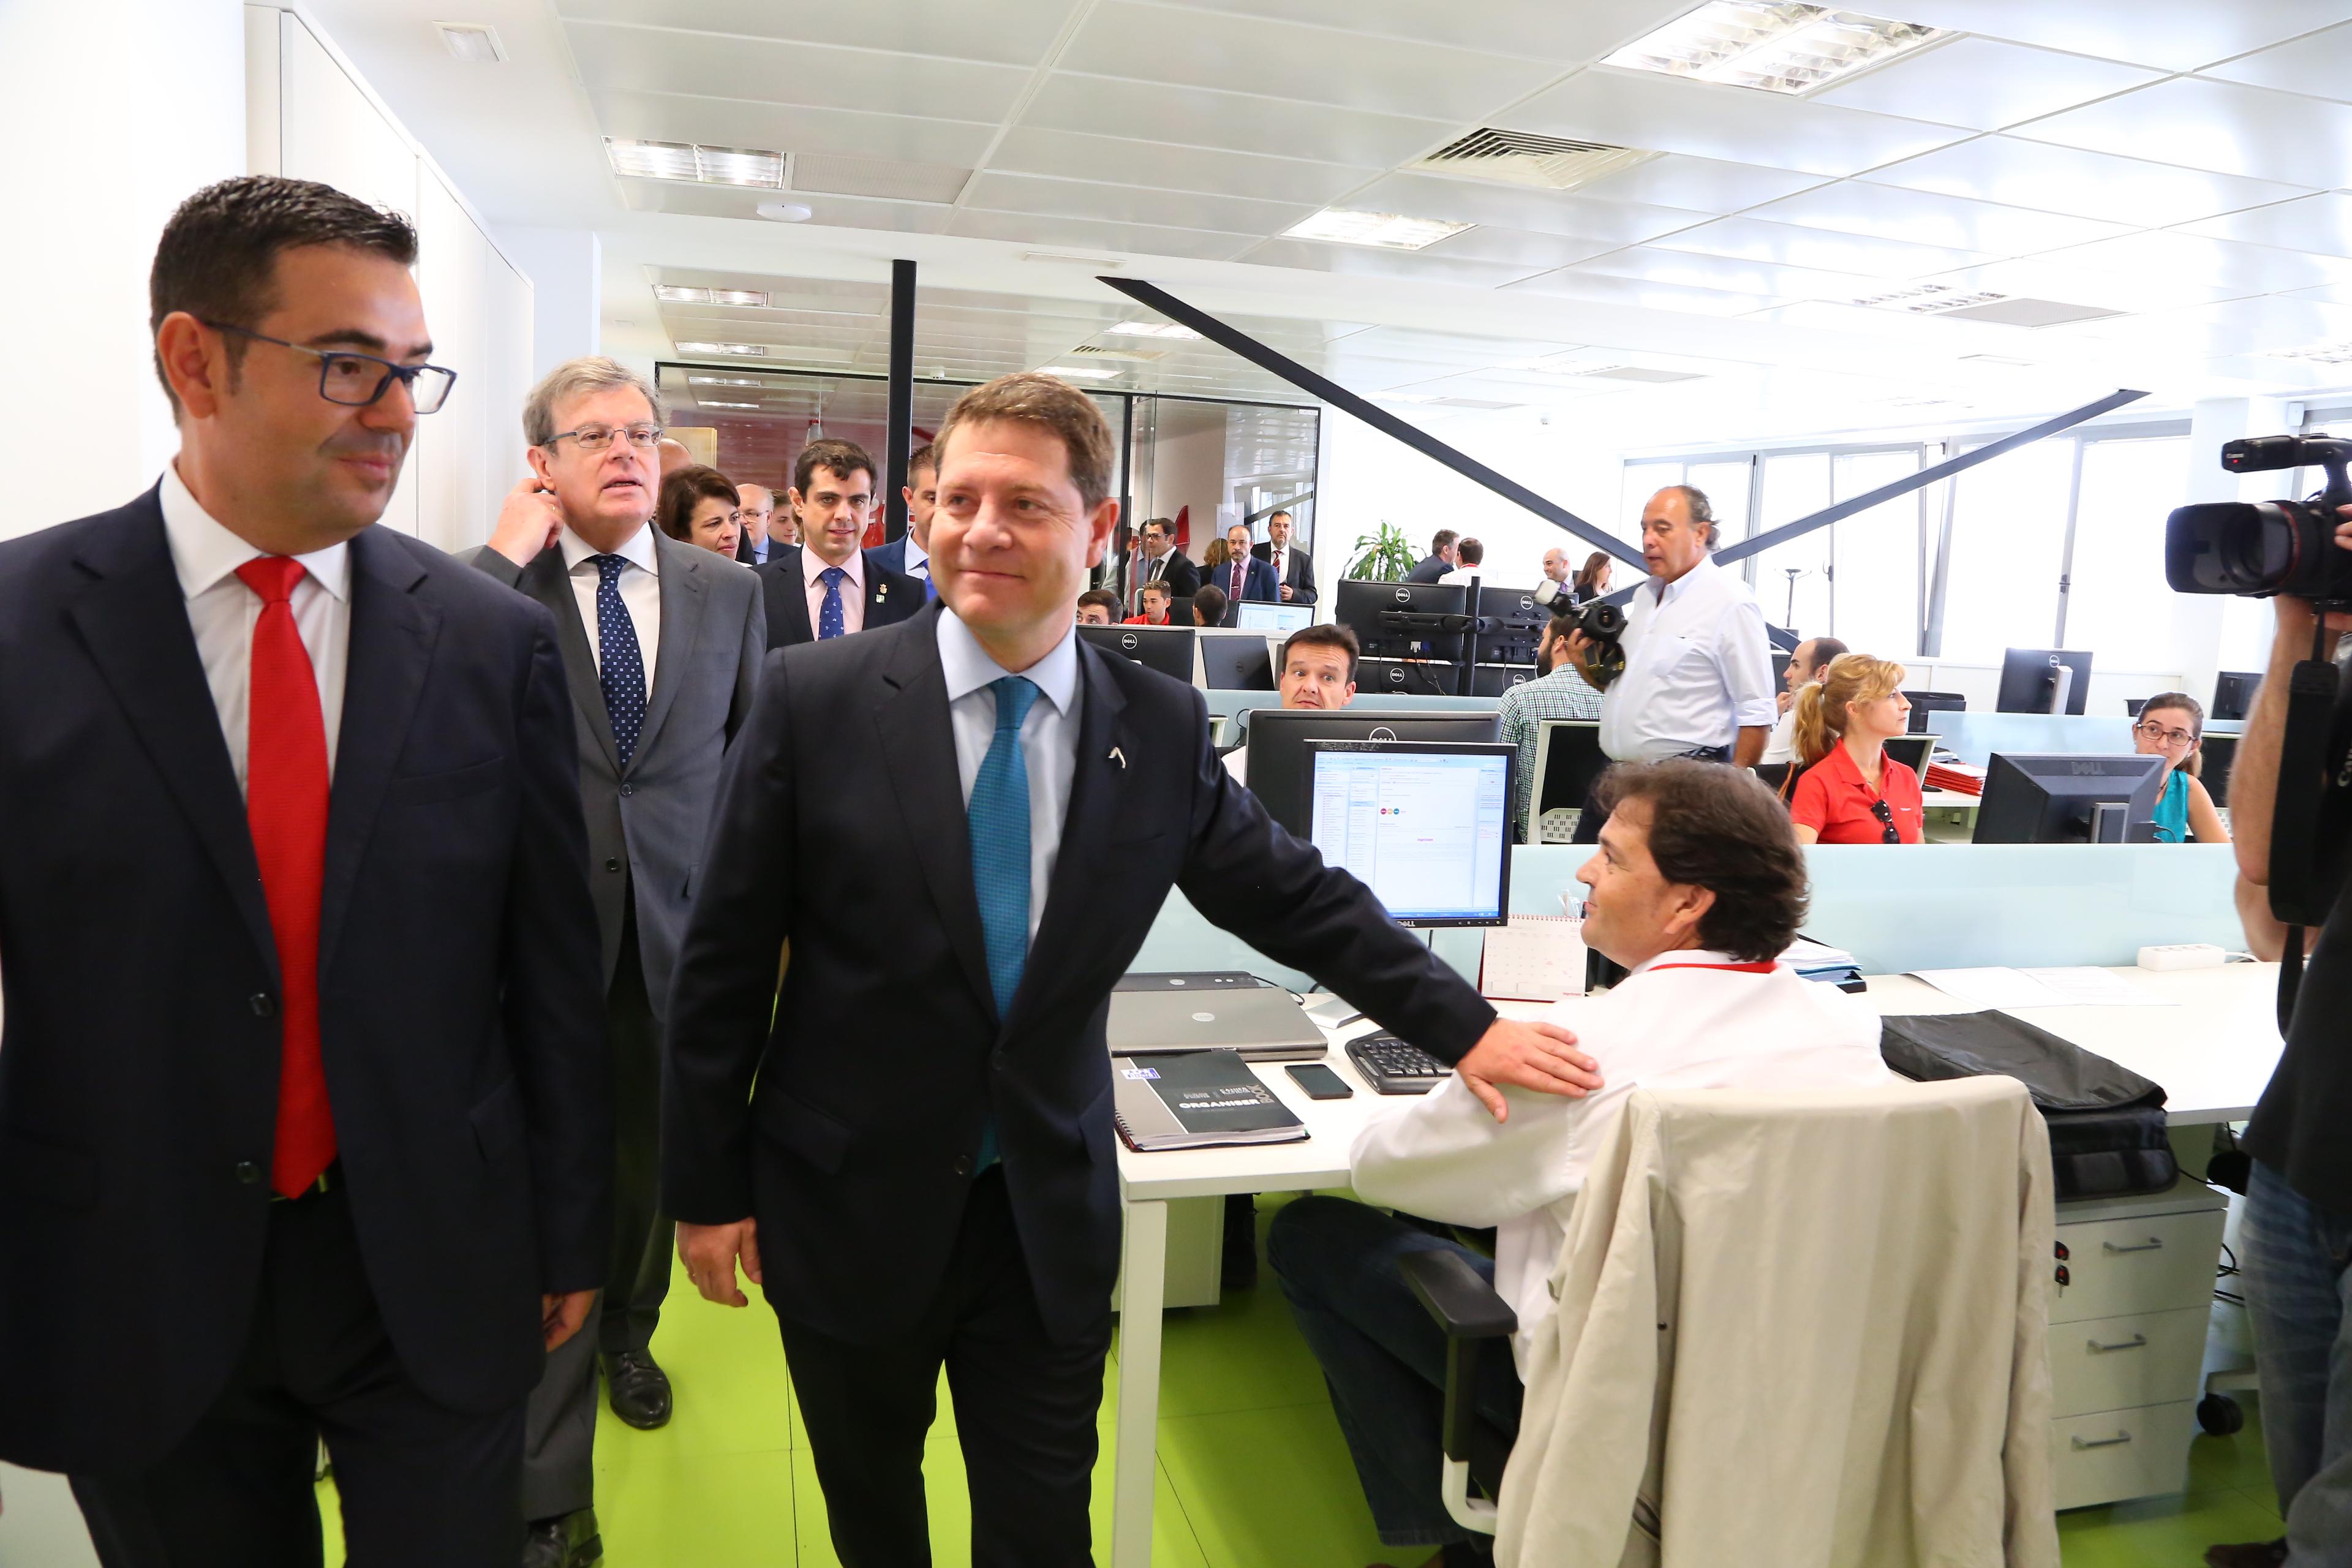 El presidente garc a page asiste inaugura la ampliaci n de for Oficina del consumidor albacete